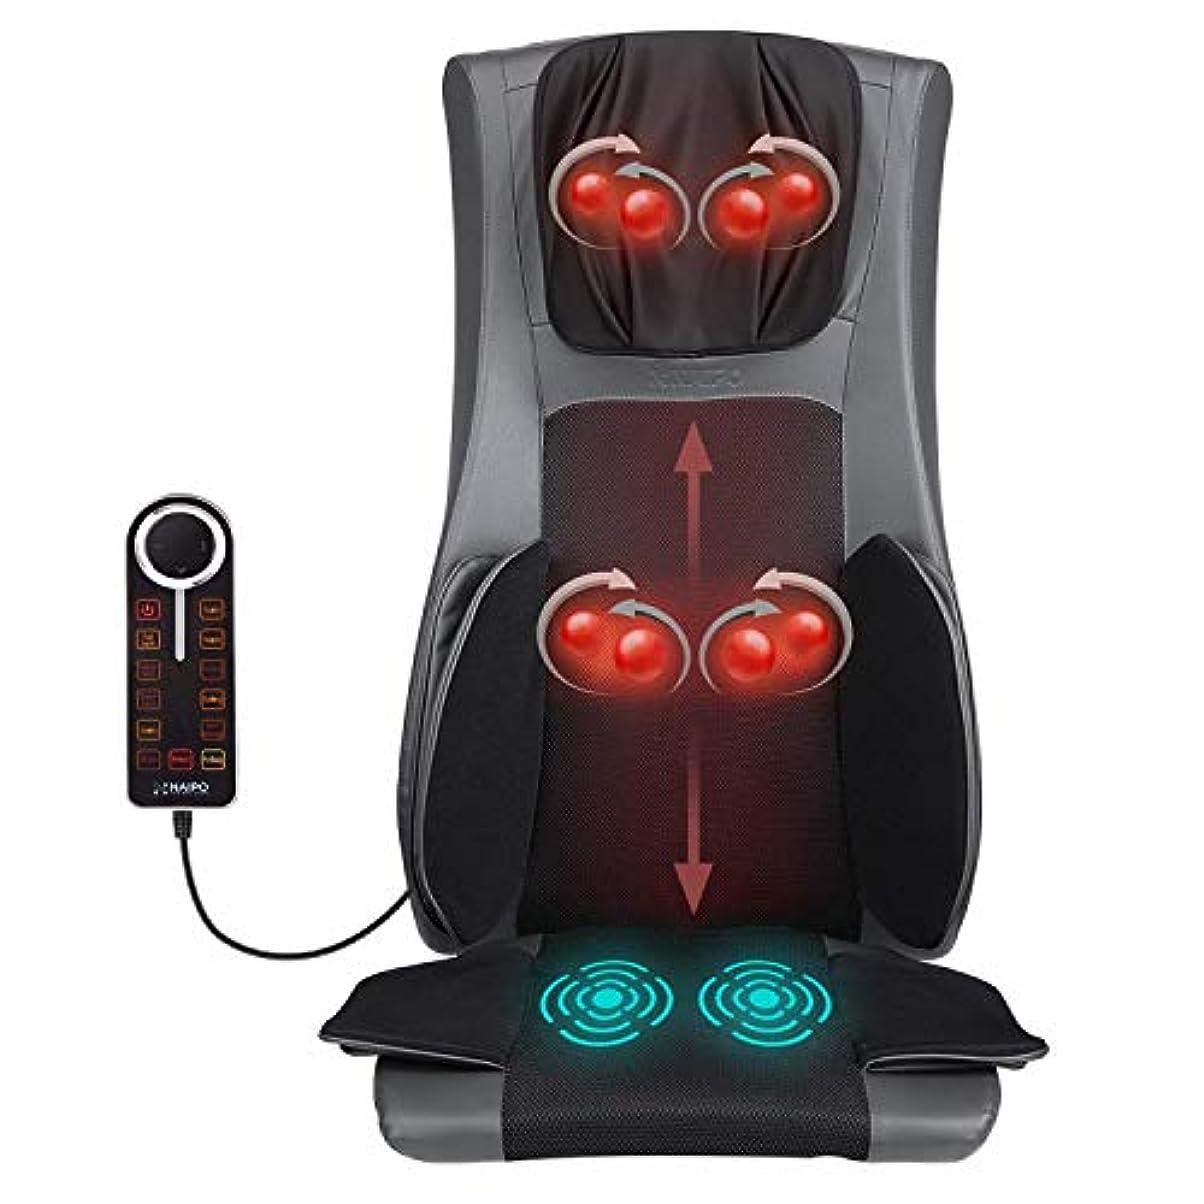 サーバソーダ水ハウス[Naipo] [Naipo マッサージ機 Back Massager Shiatsu Massage Chair Cushion, Electric Full Body Massage Seat Pad with Soothing...